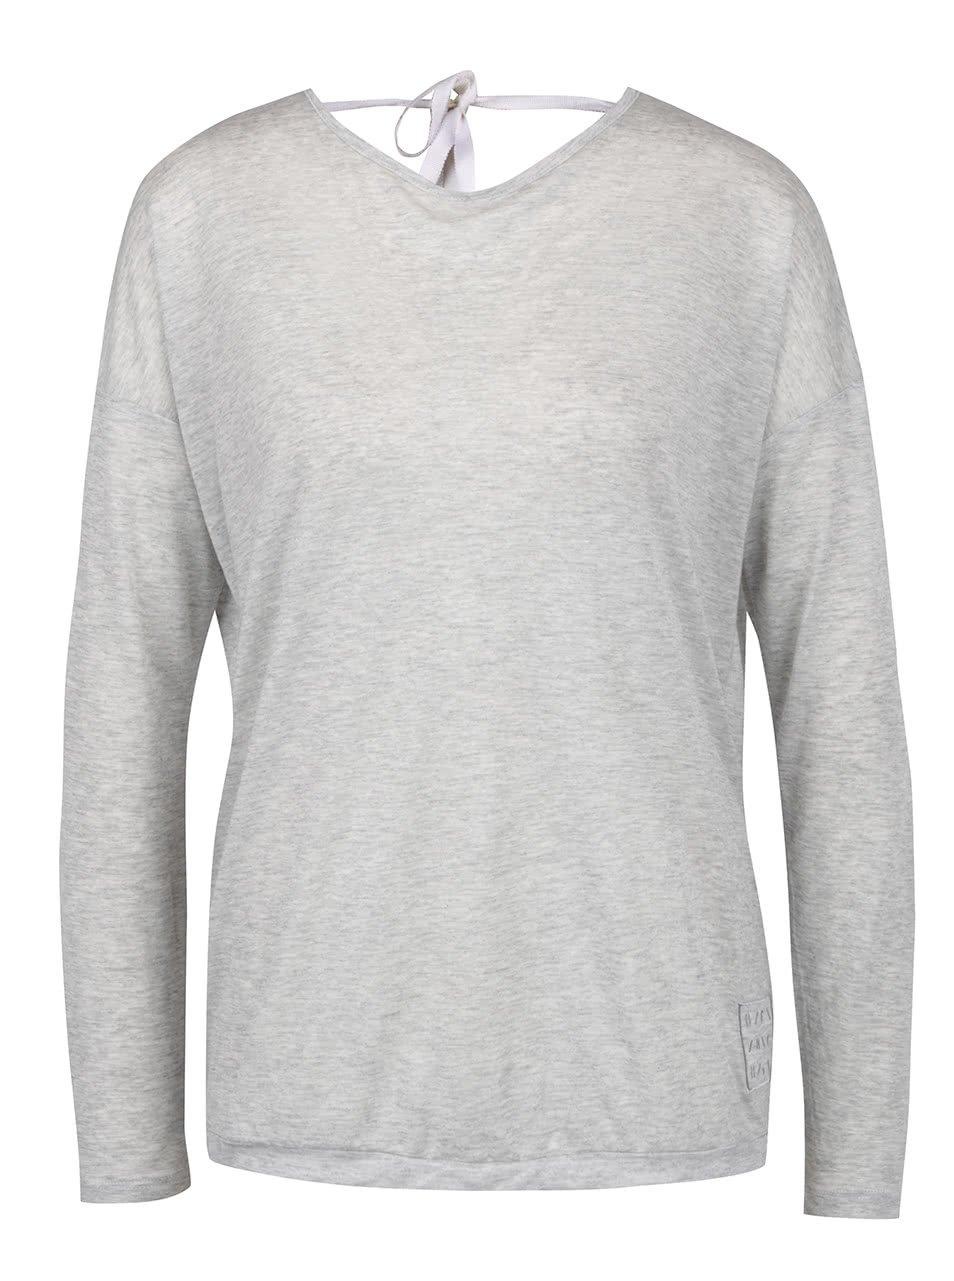 Šedé tričko s překládaným zadním dílem a průstřihem Bench